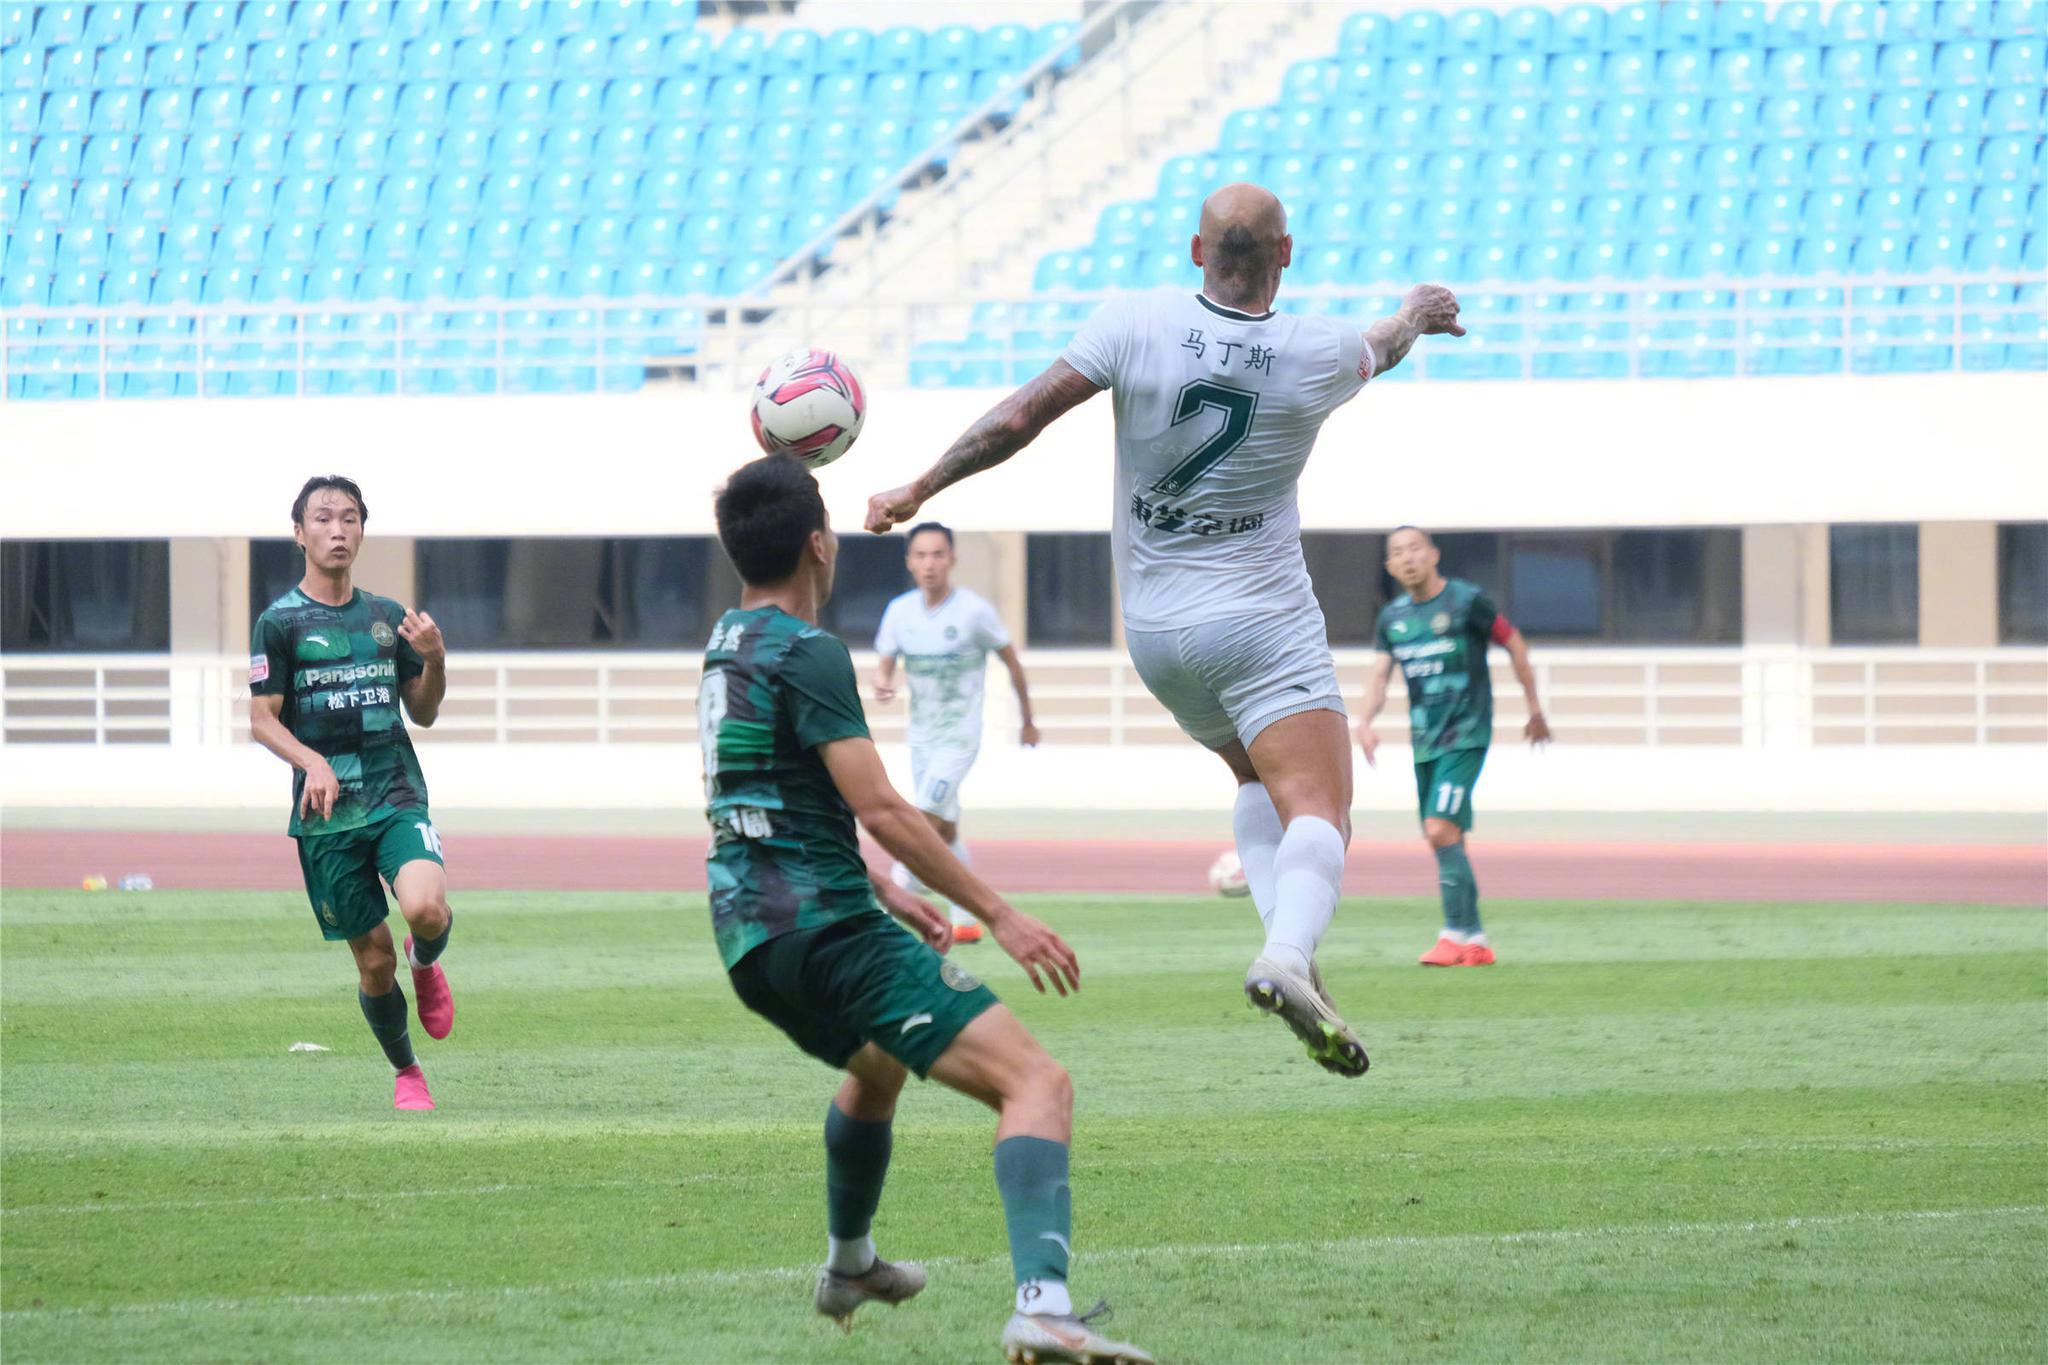 热身赛浙江绿城一线队2:1绿城U23队,魏敬宗和马丁斯各进一球